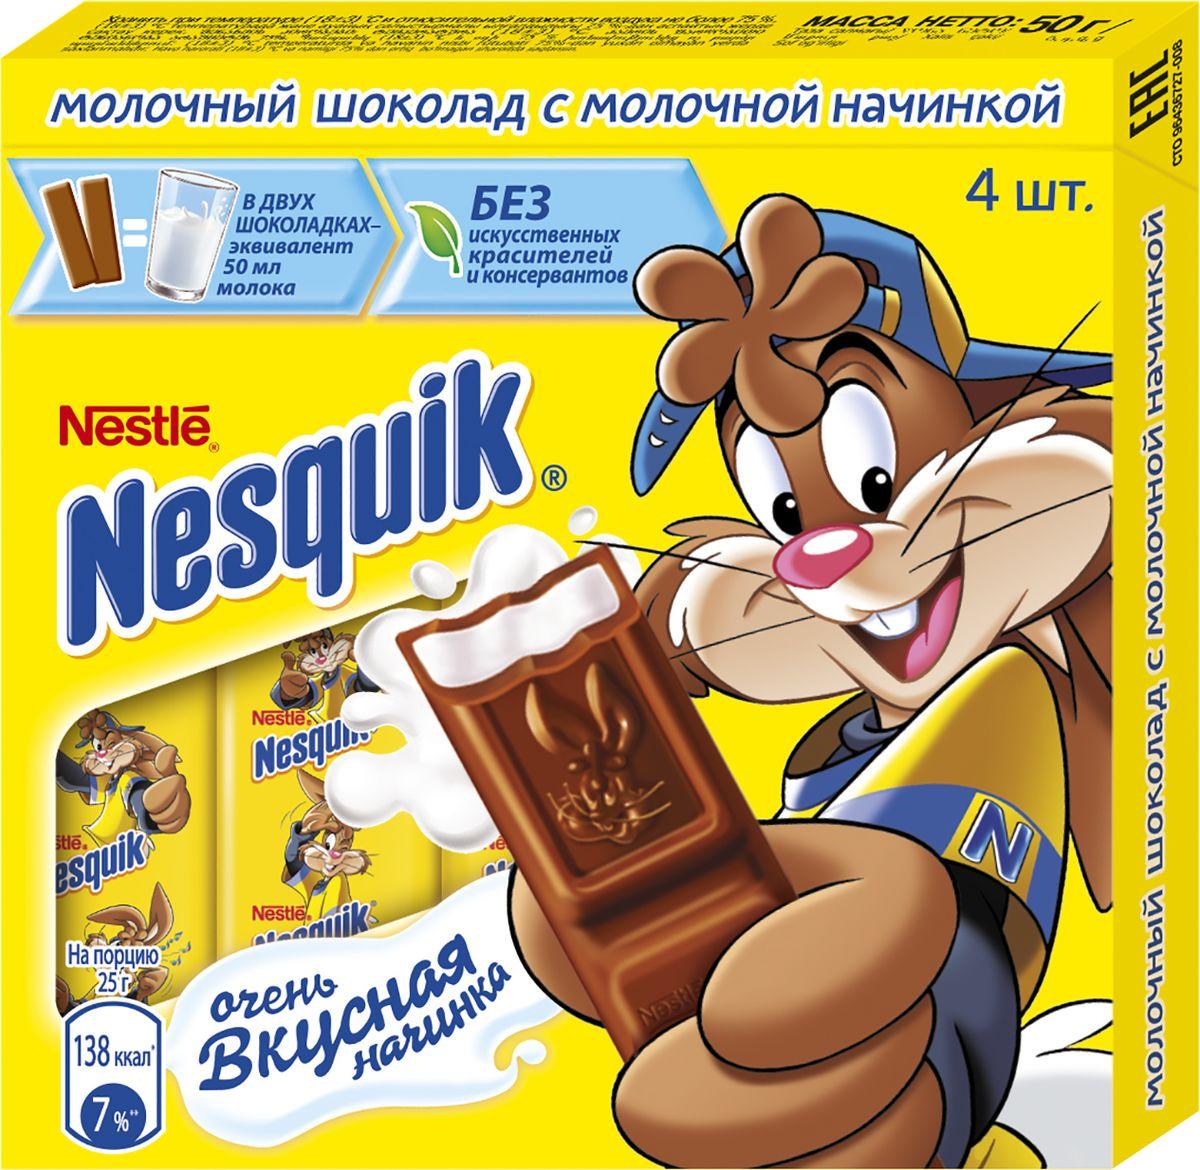 Nesquik молочный шоколад с молочной начинкой, 50 г12087320Молочный шоколад с кальцием и молочной начинкой Шоколадки Nesquik - это любимое лакомство кролика Квики и его друзей! Без искусственных красителей Без консервантов Источник кальция Очень вкусная молочная начинка В двух шоколадках эквивалент 50 мл молока Уважаемые клиенты! Обращаем ваше внимание, что полный перечень состава продукта представлен на дополнительном изображении.